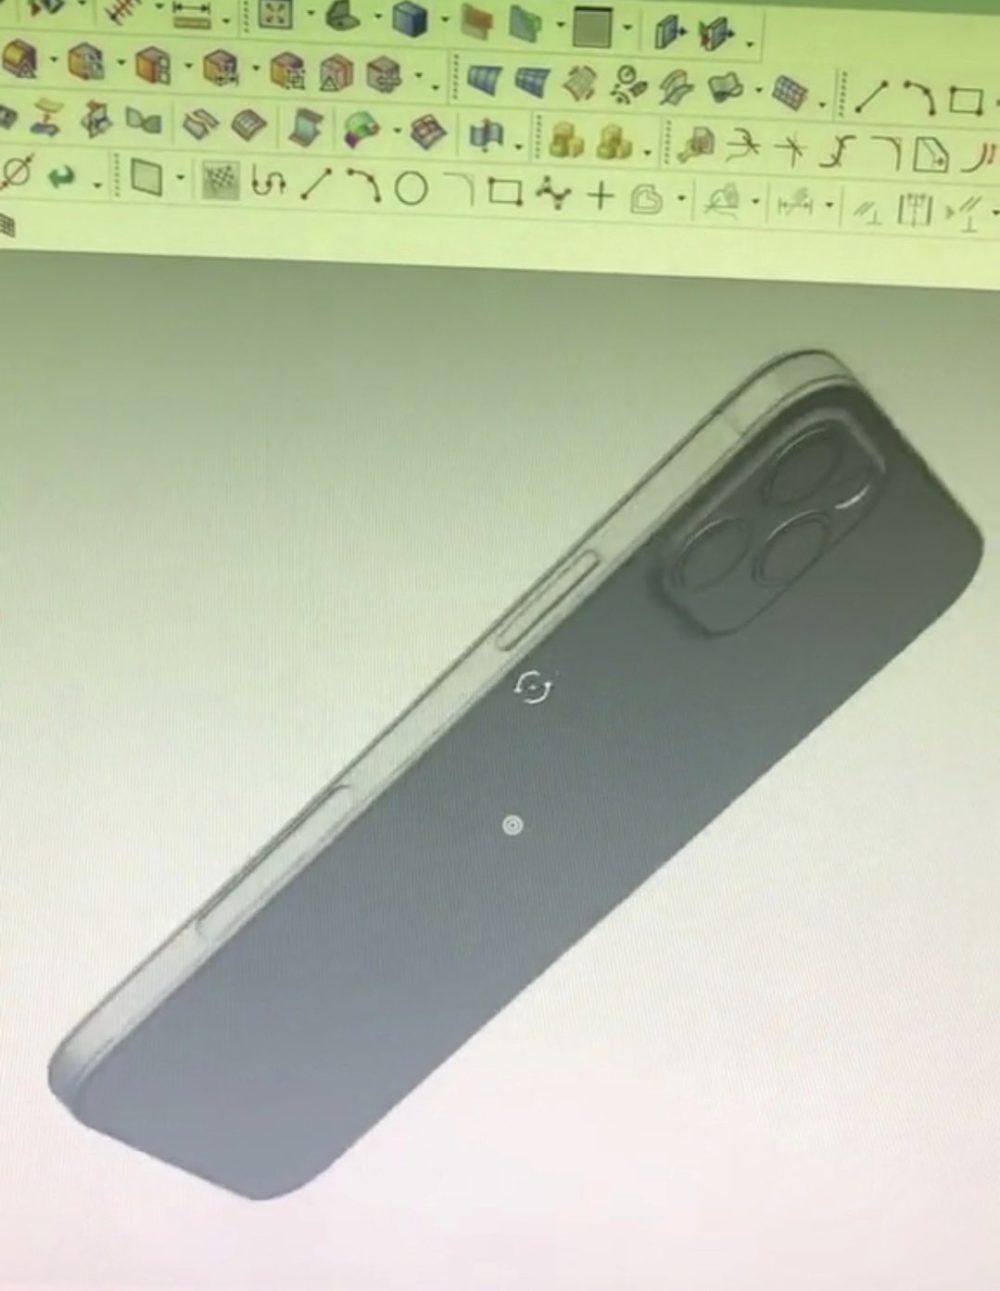 iPhone 12 : le design de liPad Pro actuel confirmé par des moules et des rendus CAD